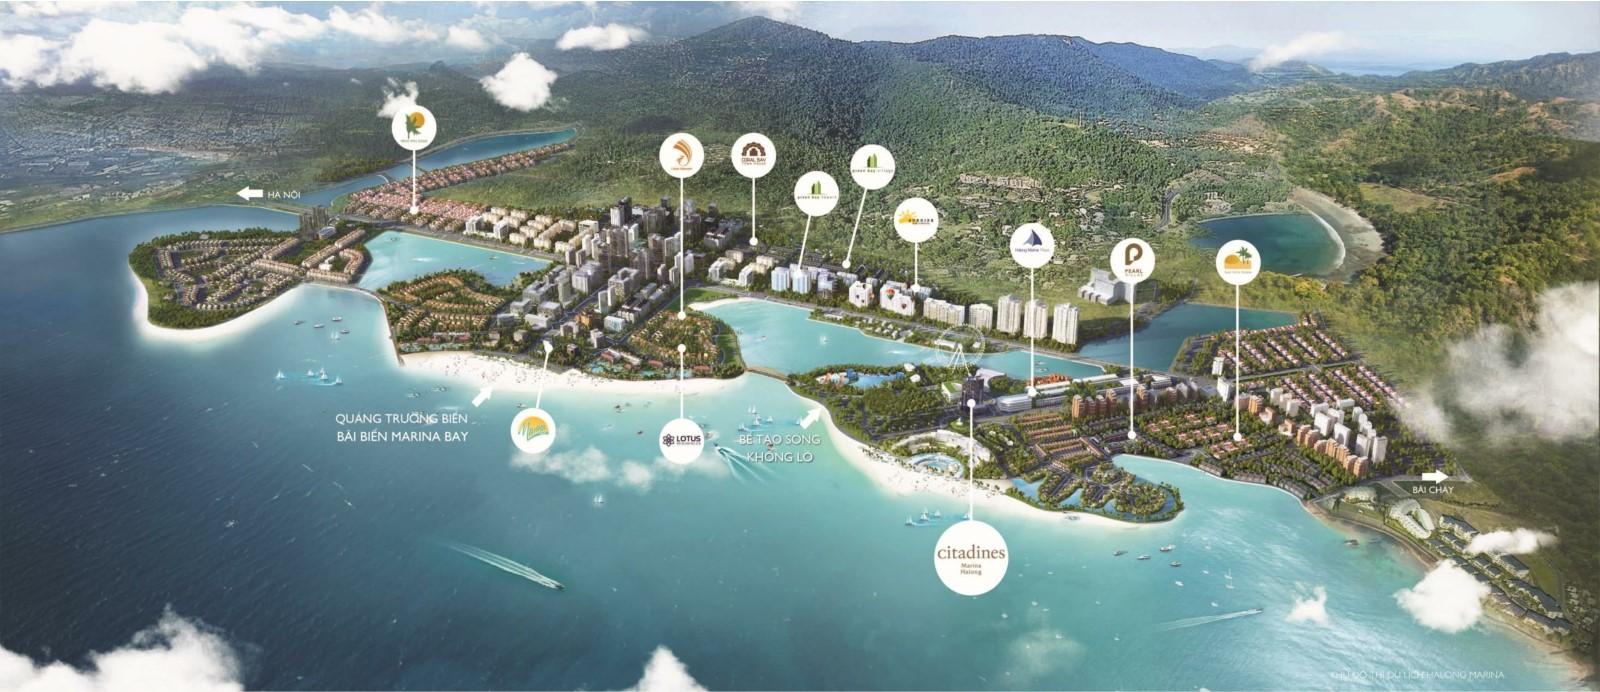 Mô phỏng dự án Citadines Marina Hạ Long